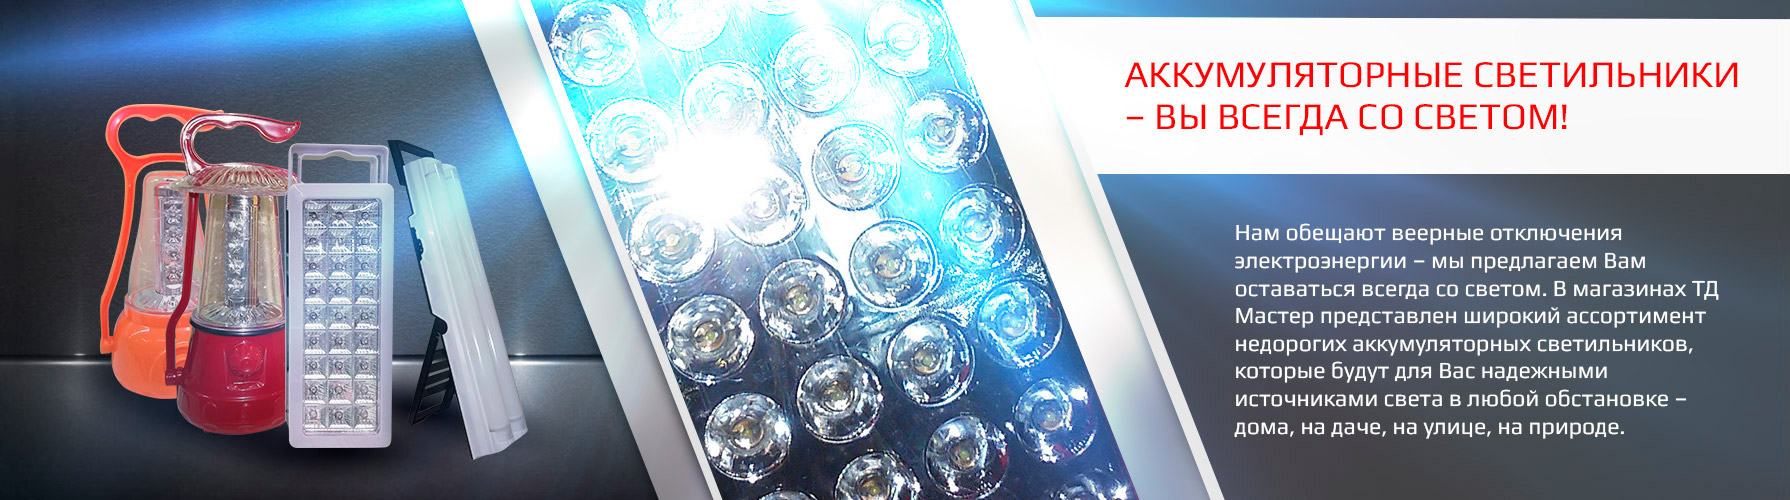 Аккумуляторные светильники – Вы всегда будете со светом!